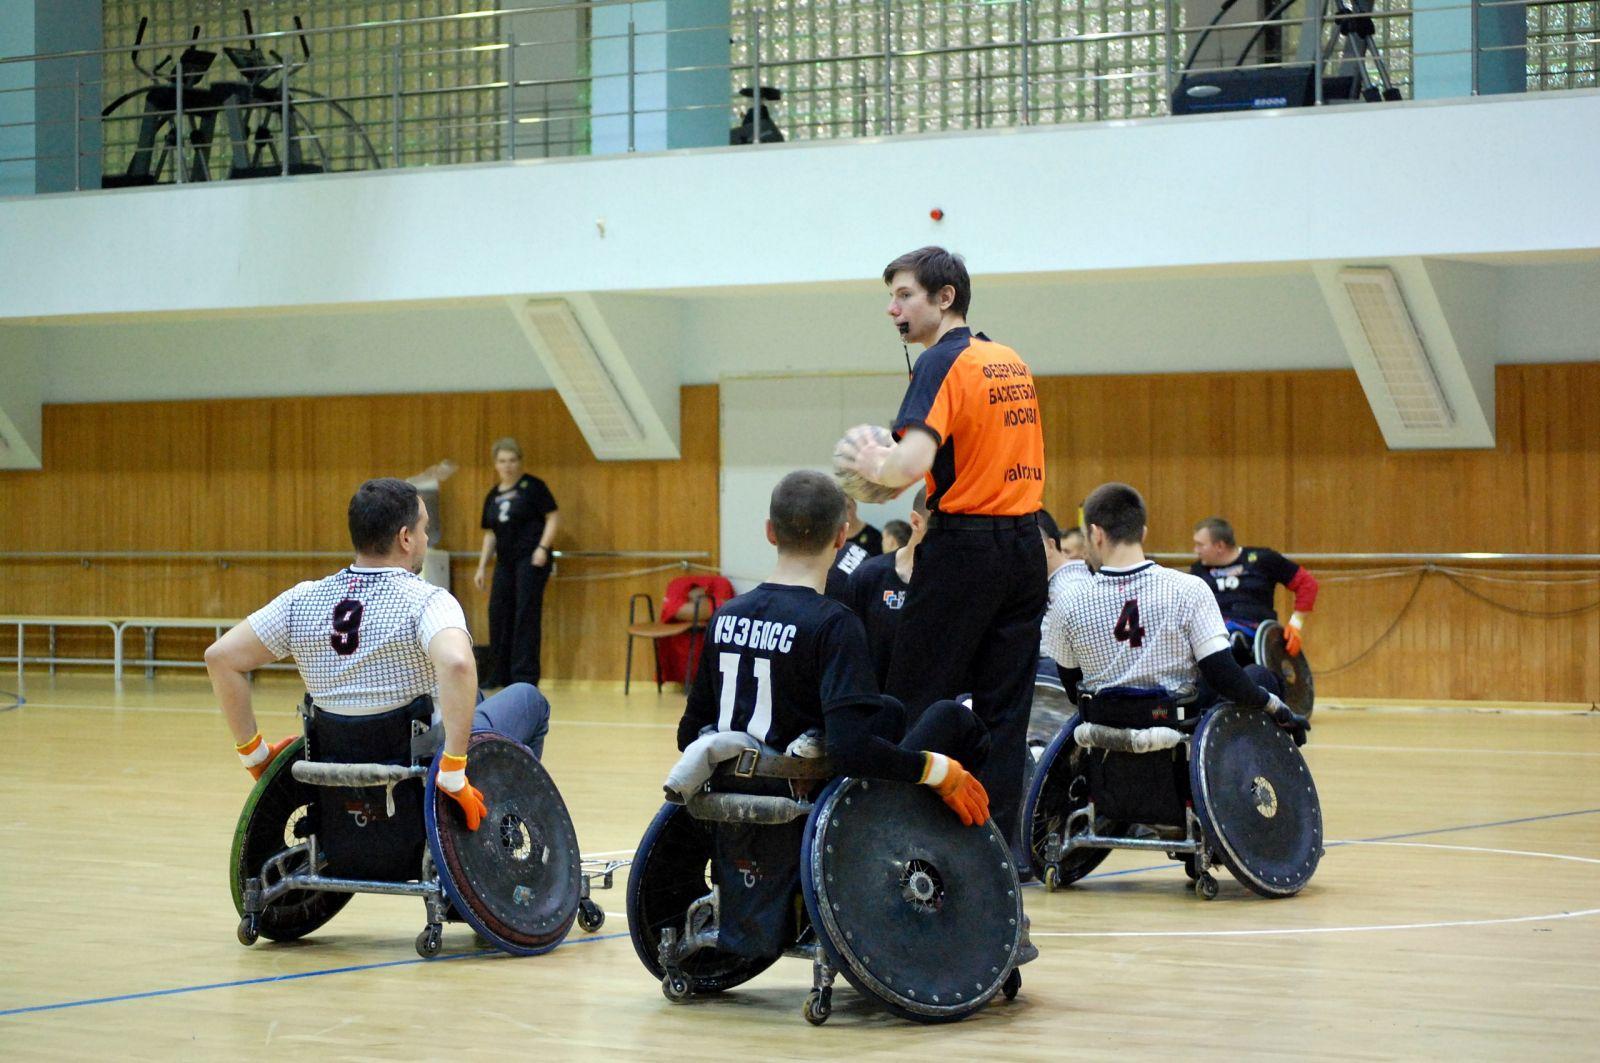 5 команд в Евпатории примут участие в чемпионате России по регби на колясках